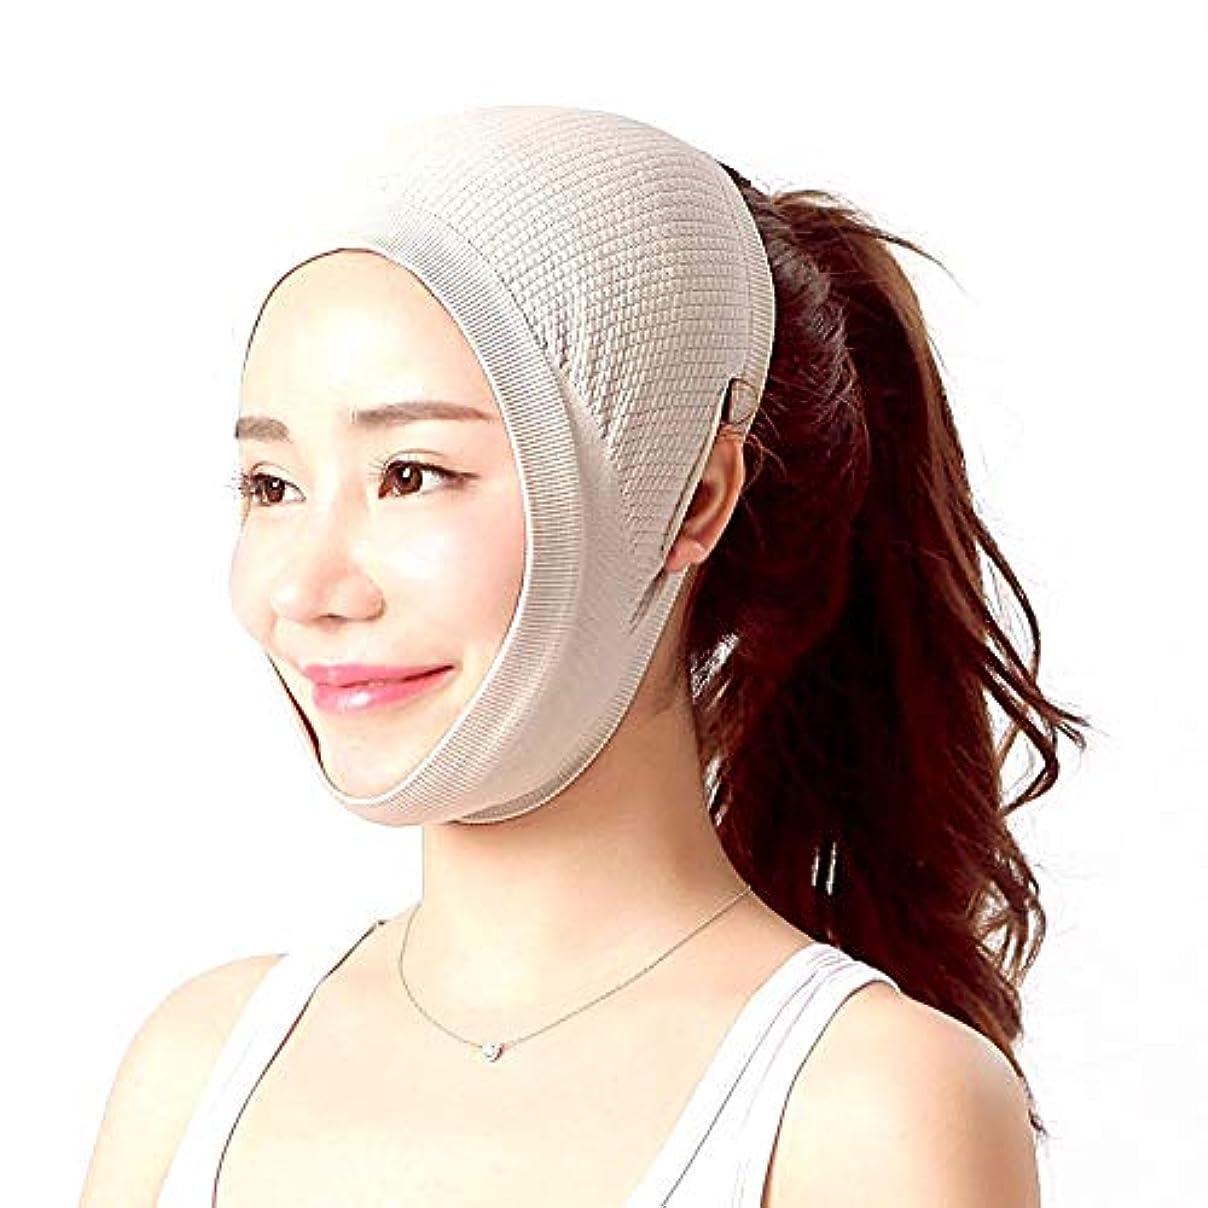 現象スラム筋肉のフェイスリフティングアーティファクト包帯ライン術後回復包帯リフティングフェイスフードVフェイス包帯リフティングVフェイス美容マスク - 肌のトーン